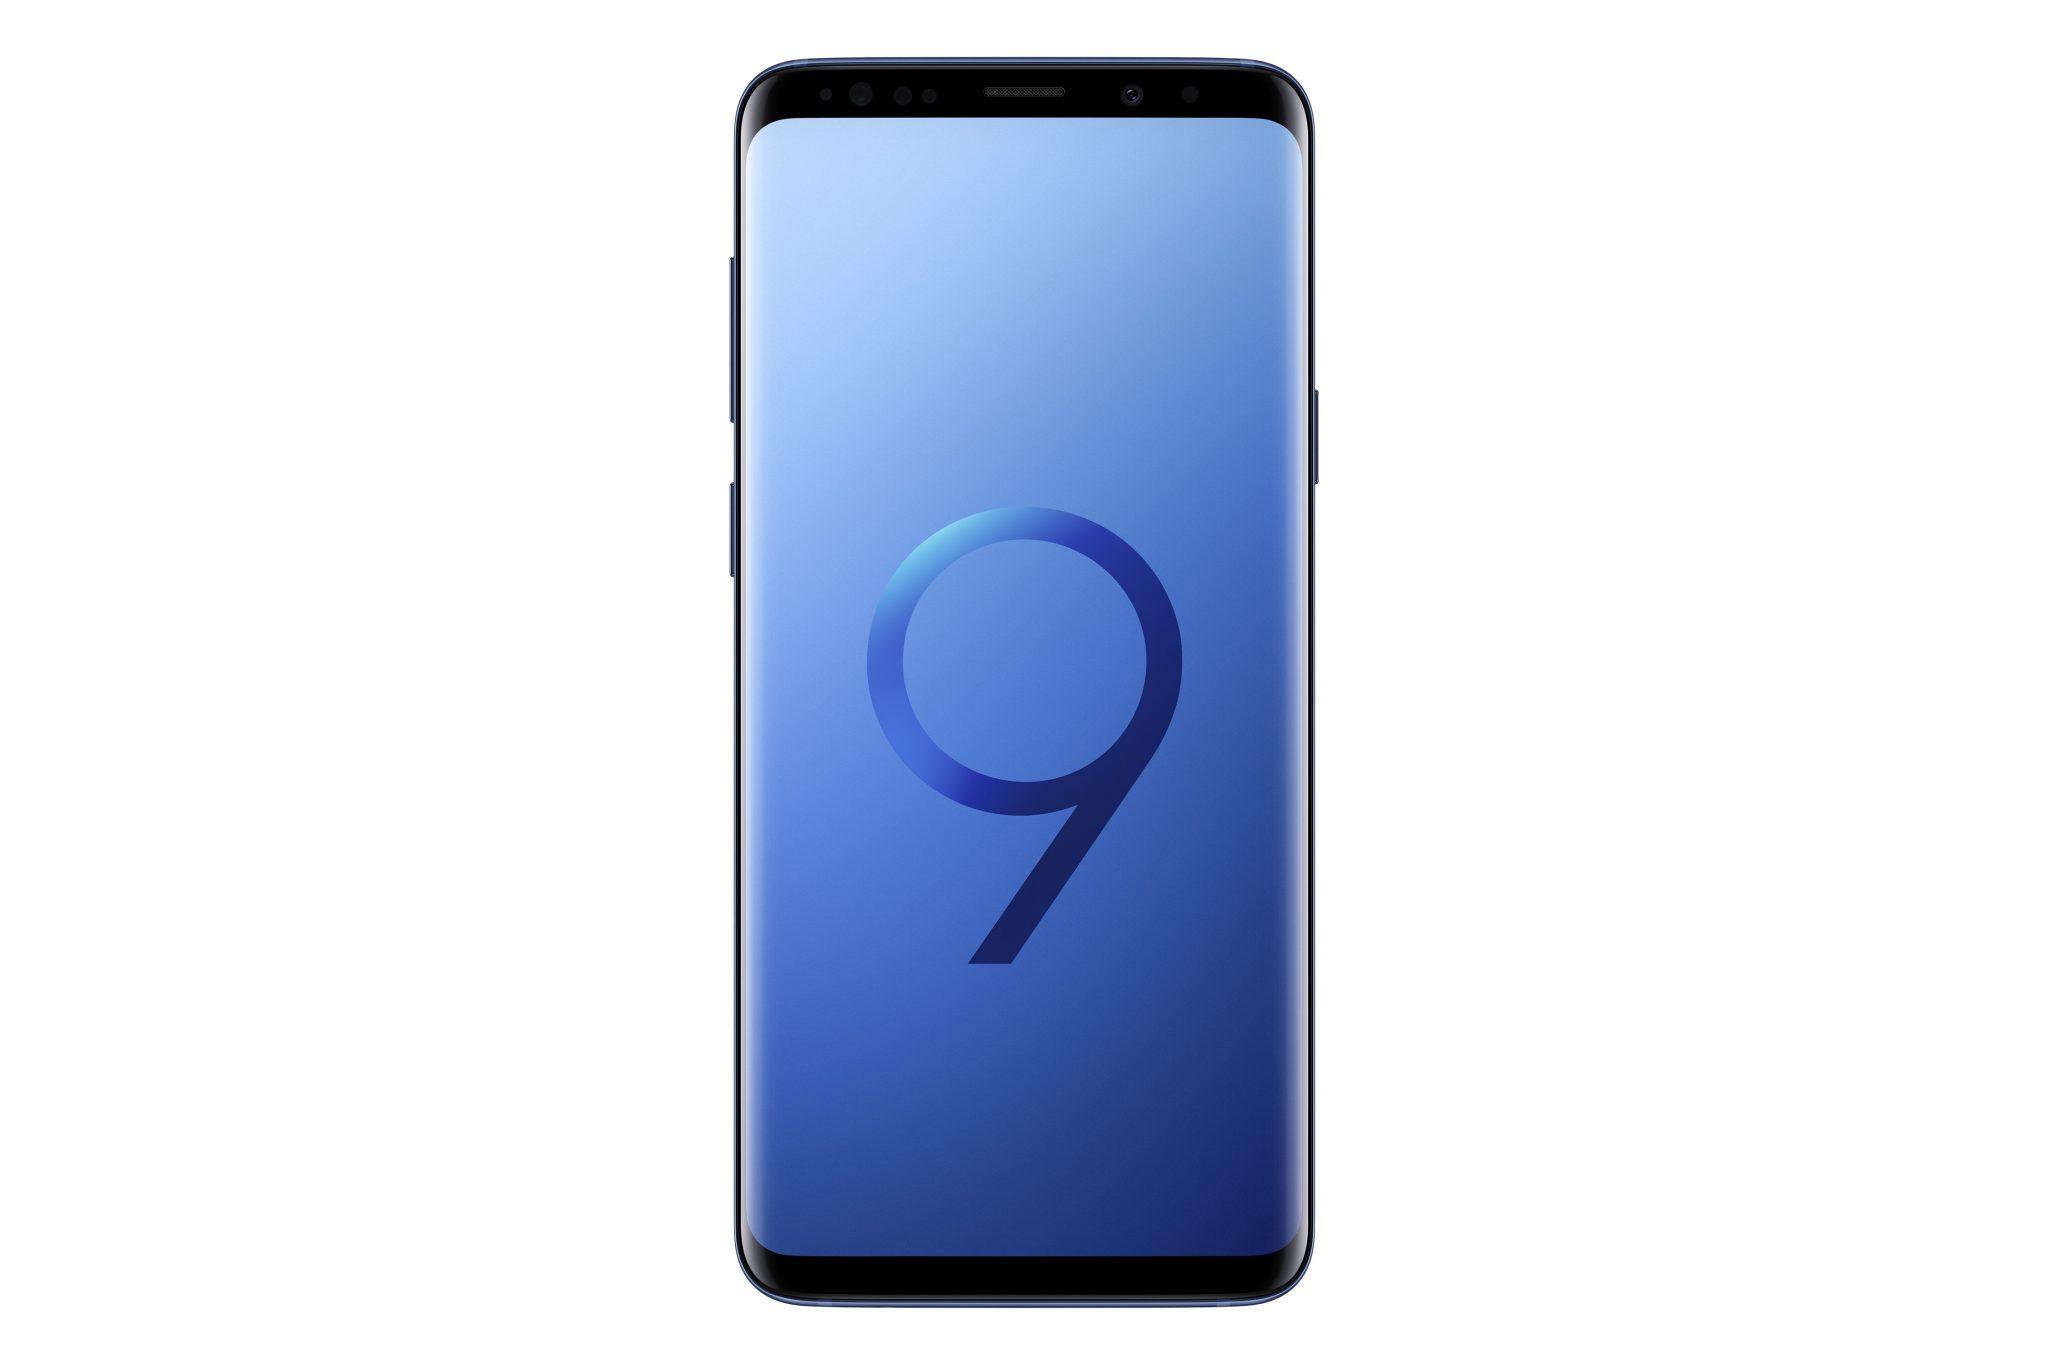 SM G965 GalaxyS9Plus Front Blue 1 - SM_G965_GalaxyS9Plus_Front_Blue